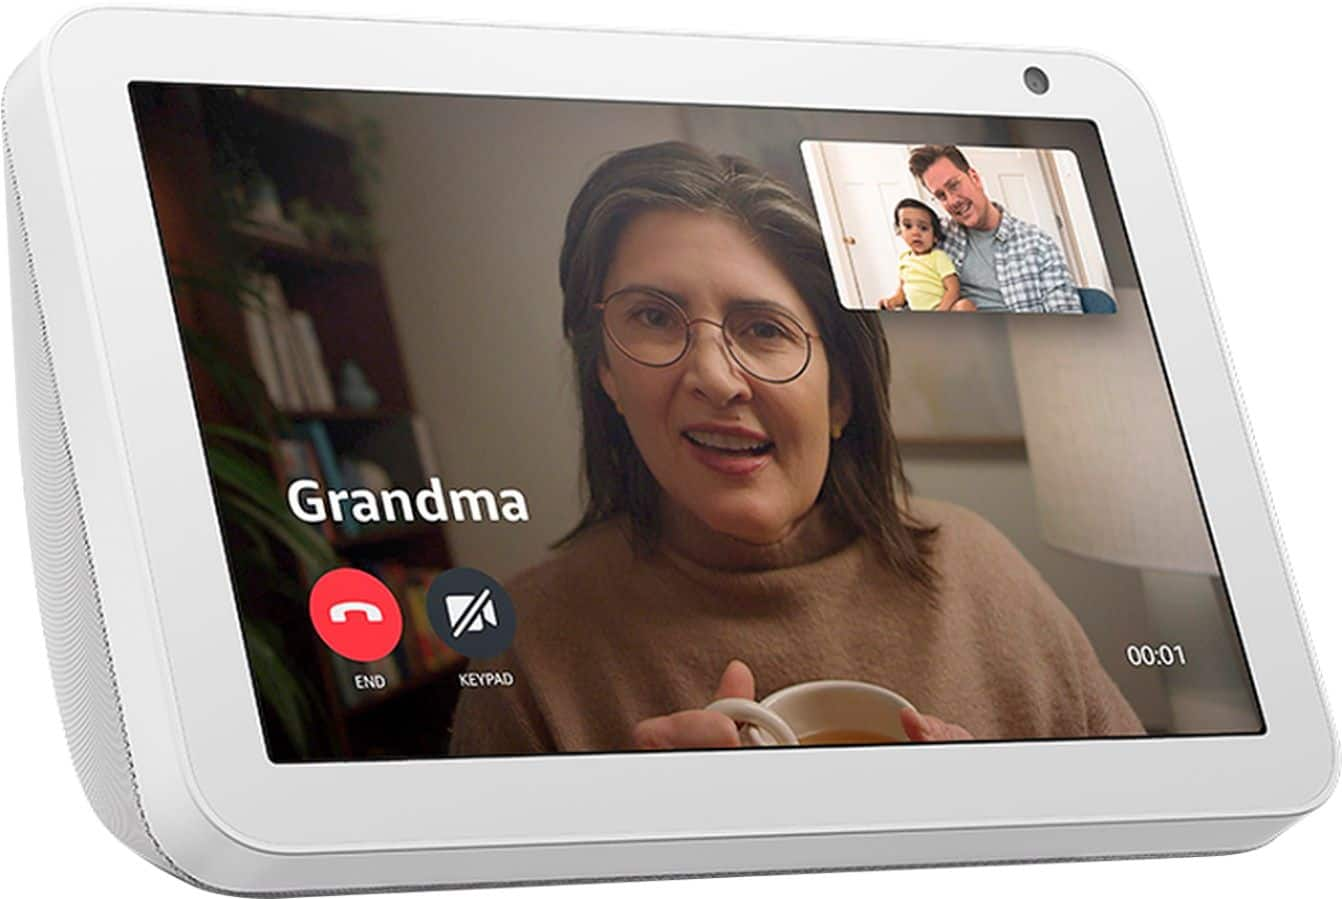 """Amazon - Echo Show 8"""" Smart Display with Alexa @ Best Buy - 64.99 $64.99"""